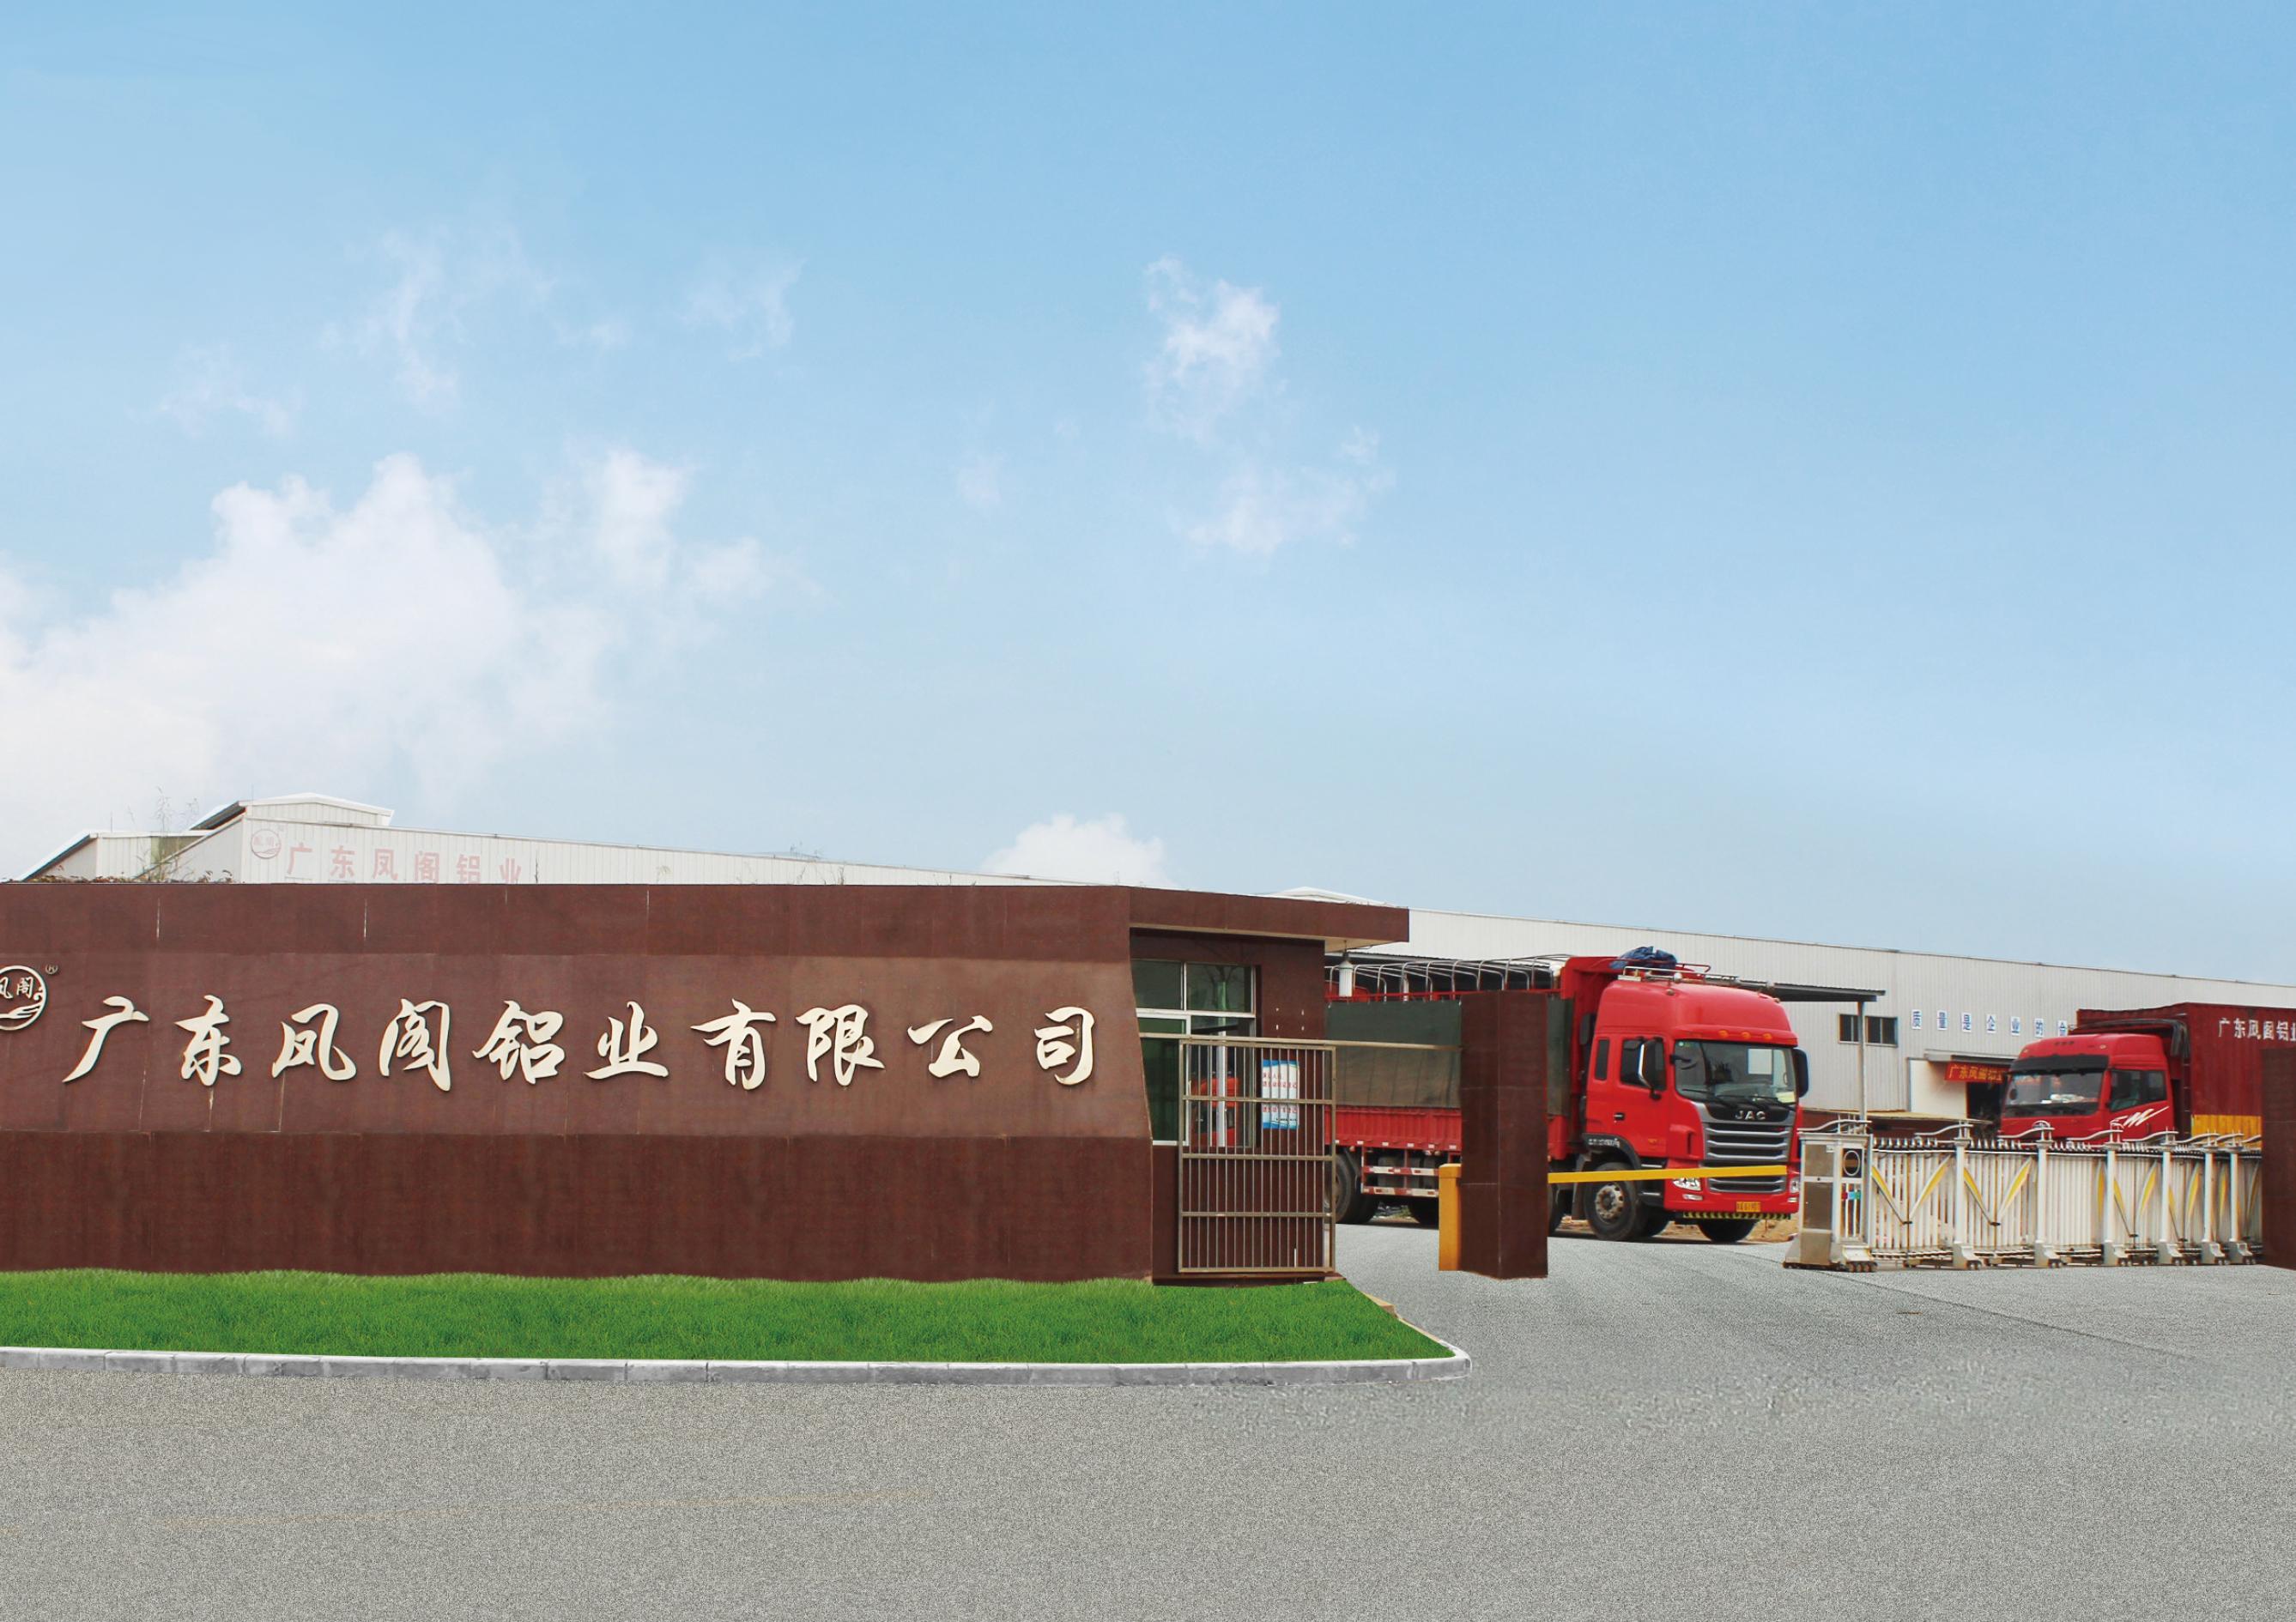 铝材批发品牌标杆——广东凤阁铝业